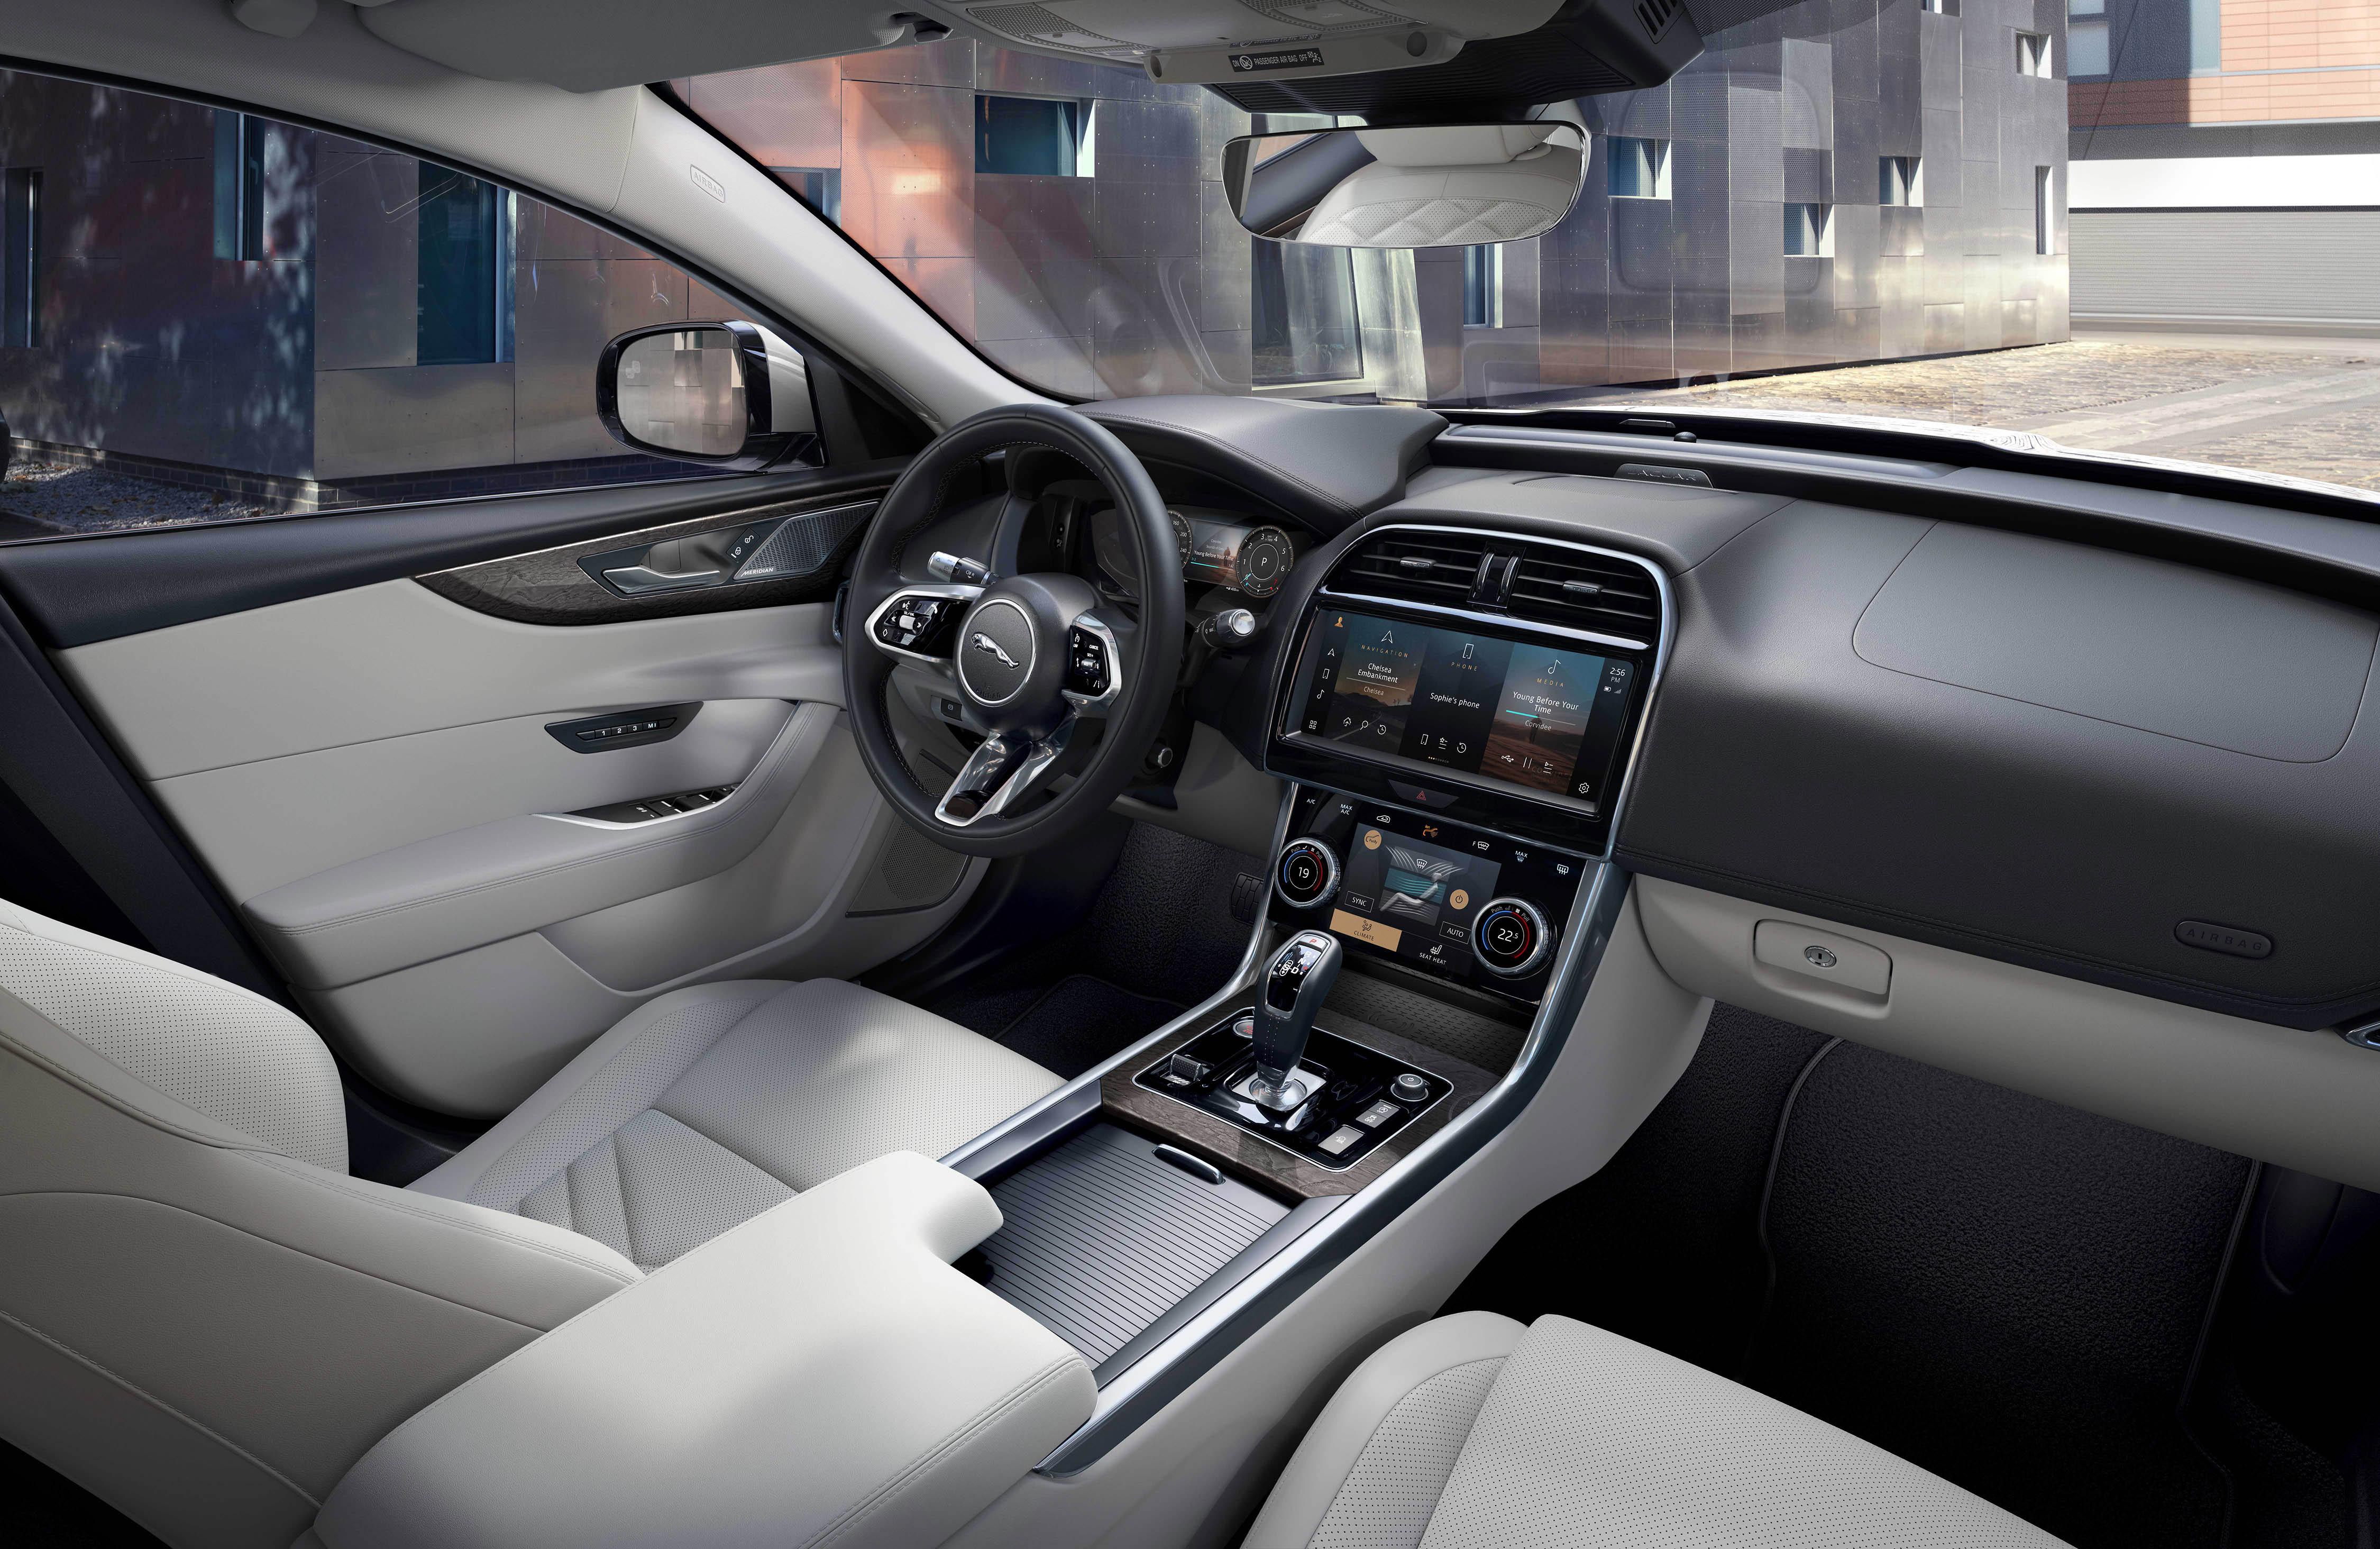 366802 jag xe 21my interior 061020 a066 glhd cd6942 original 1601906463